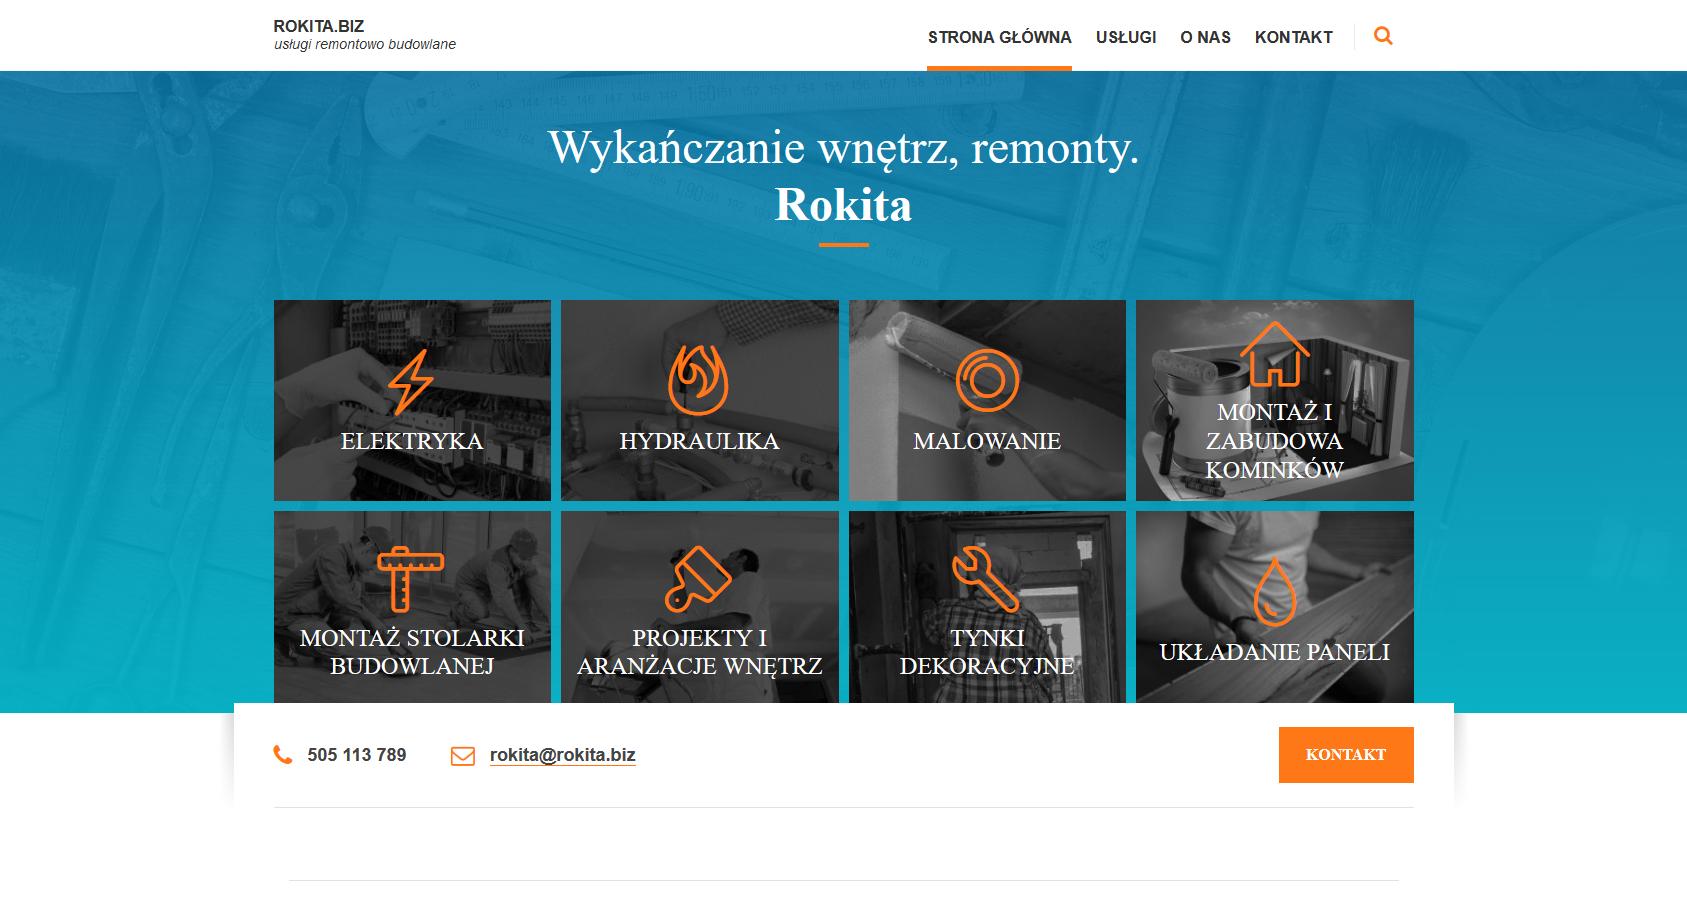 Rokita: usługi remontowo budowlane